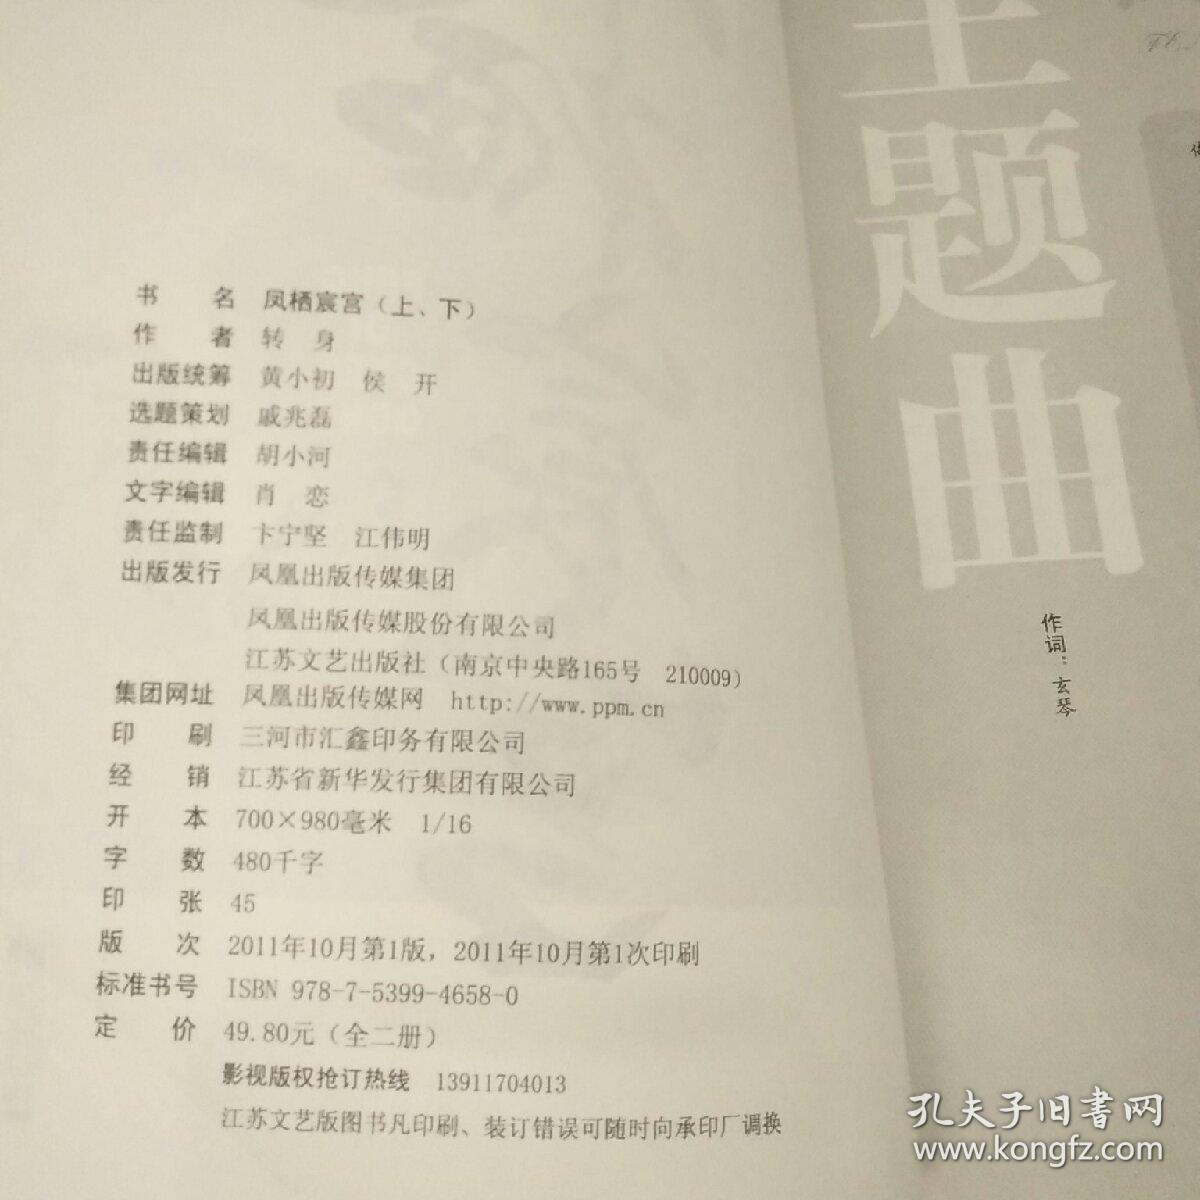 求书《凤栖宸宫》作者转身的所有完结小说 发送全的可以有额外附加分